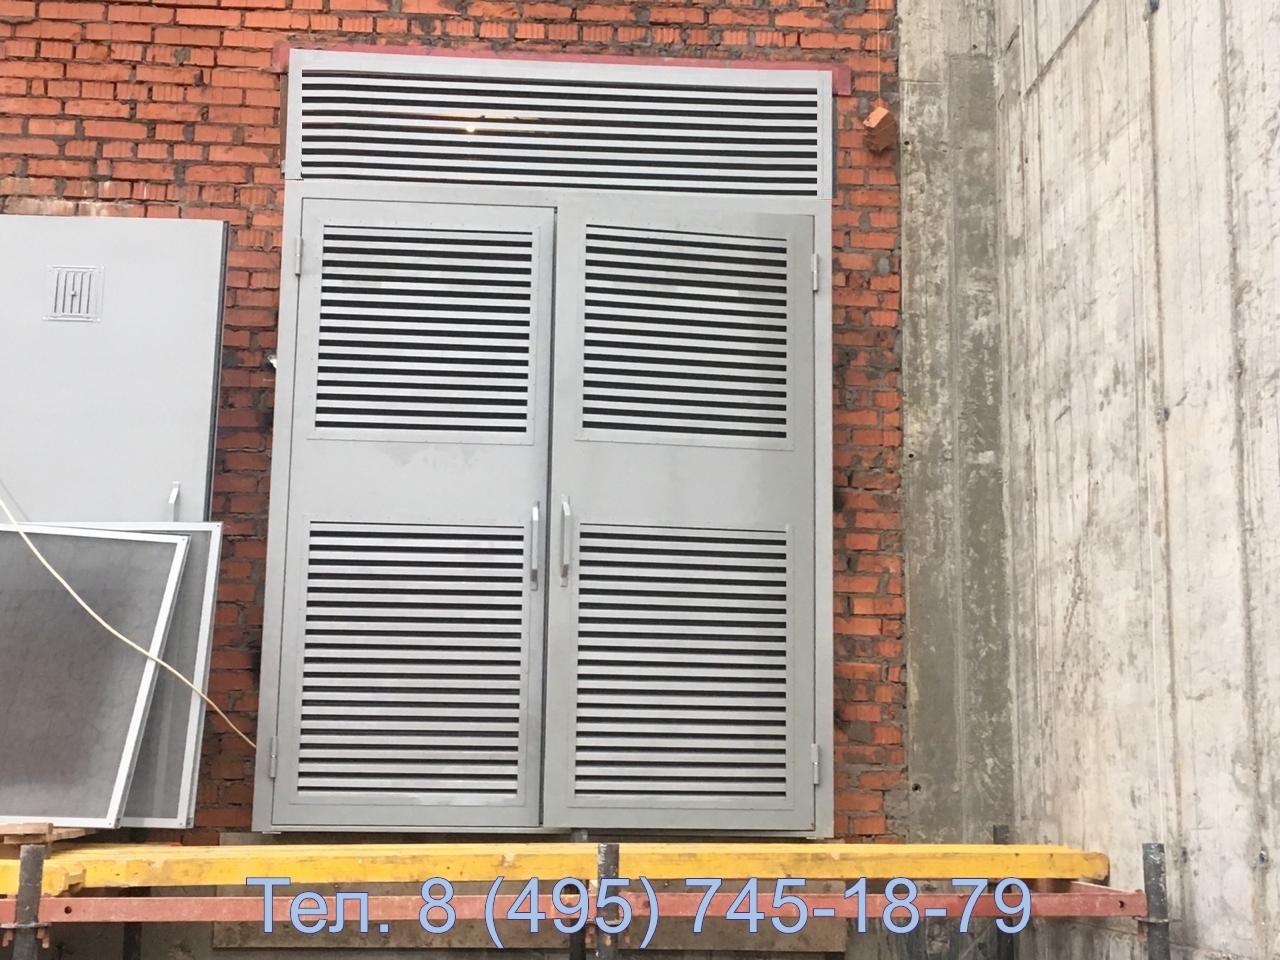 Ворота трансформаторных камер с верхней жалюзийной решеткой в виде вставки